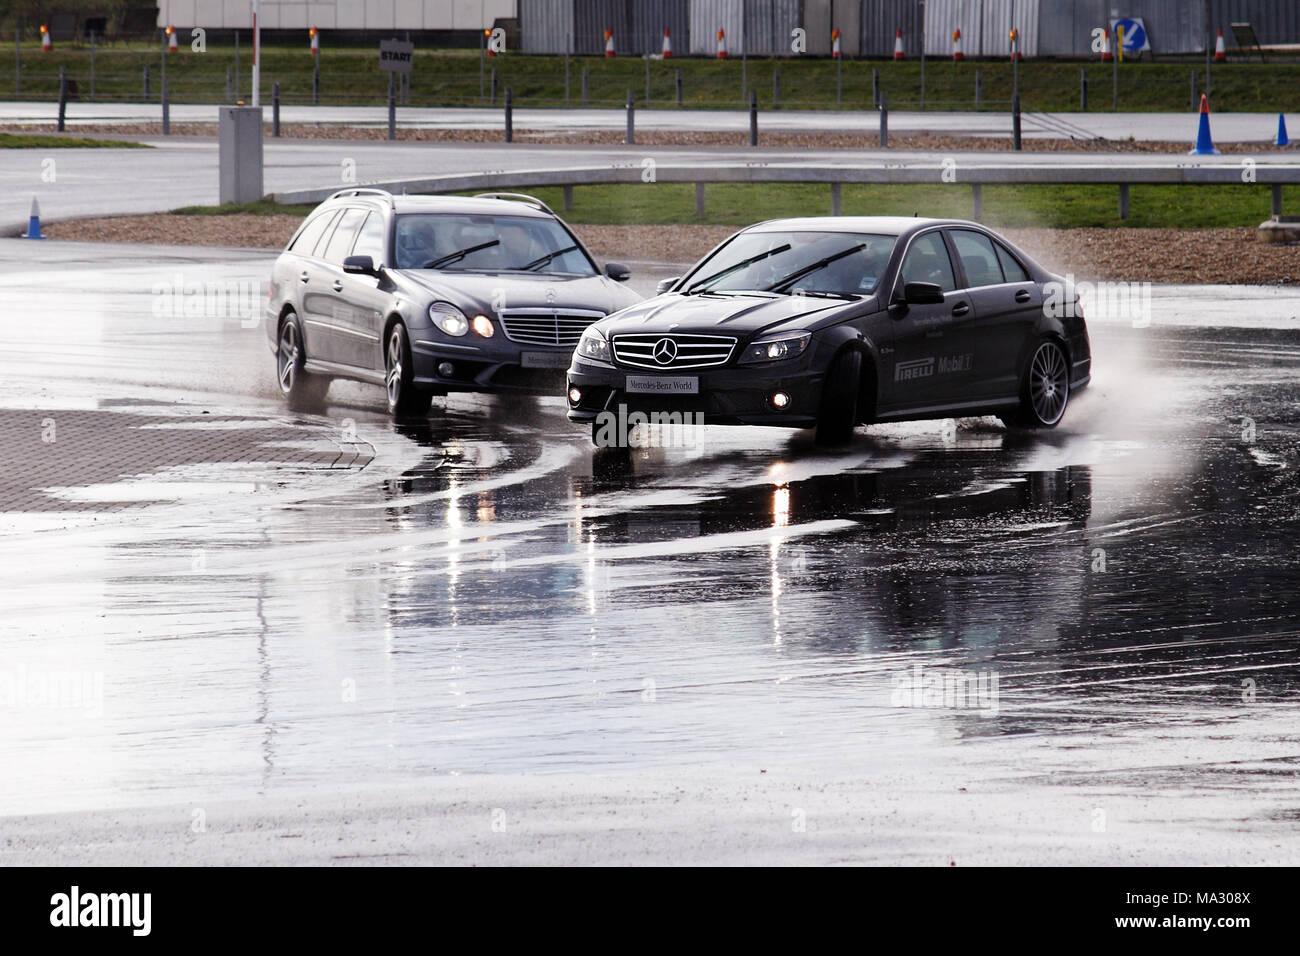 Mercedes C63 AMG sur le patin, pan au Mercedes-Benz World, Brooklands à Weybridge, en Angleterre. Photo Stock